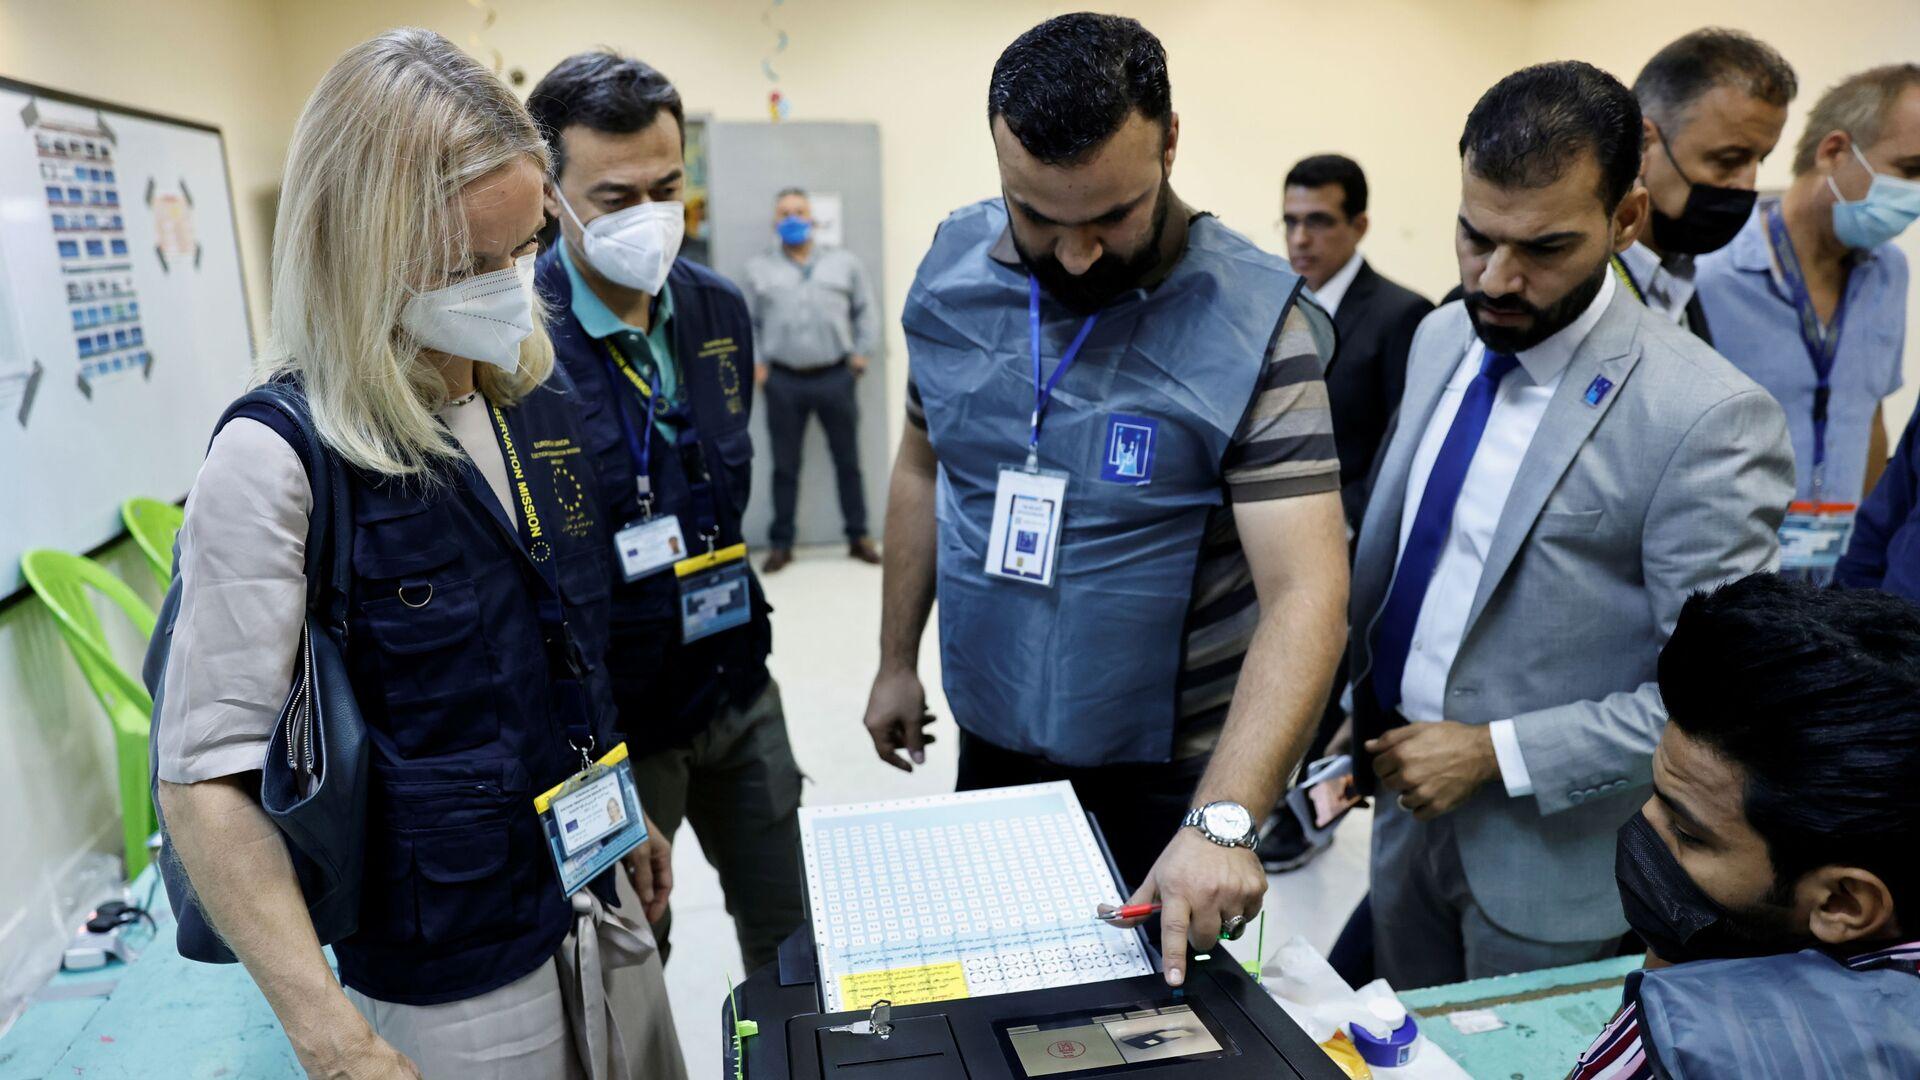 Viola Von Cramon, capo della missione di osservazione elettorale dell'UE nella Repubblica dell'Iraq, visita un seggio elettorale durante il voto anticipato per le elezioni parlamentari irachene, a Baghdad, Iraq, 8 ottobre 2021. - Sputnik Italia, 1920, 14.10.2021